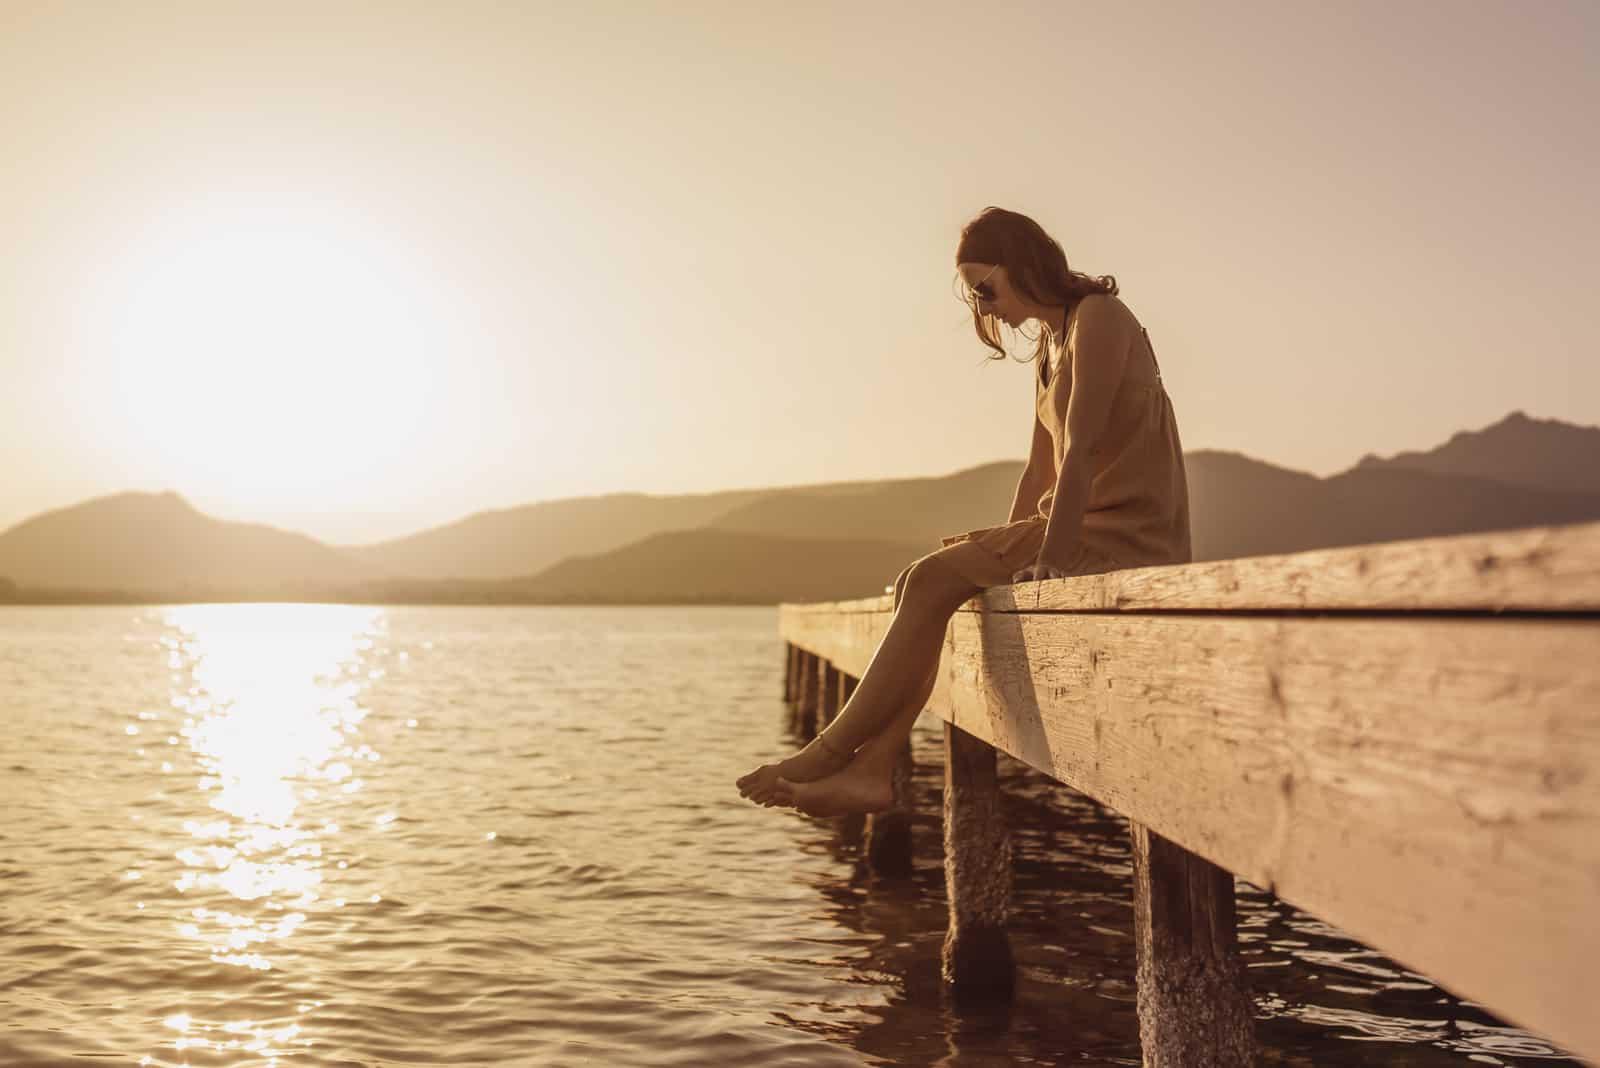 ganska ung kvinna sitter på en pir i en sjö